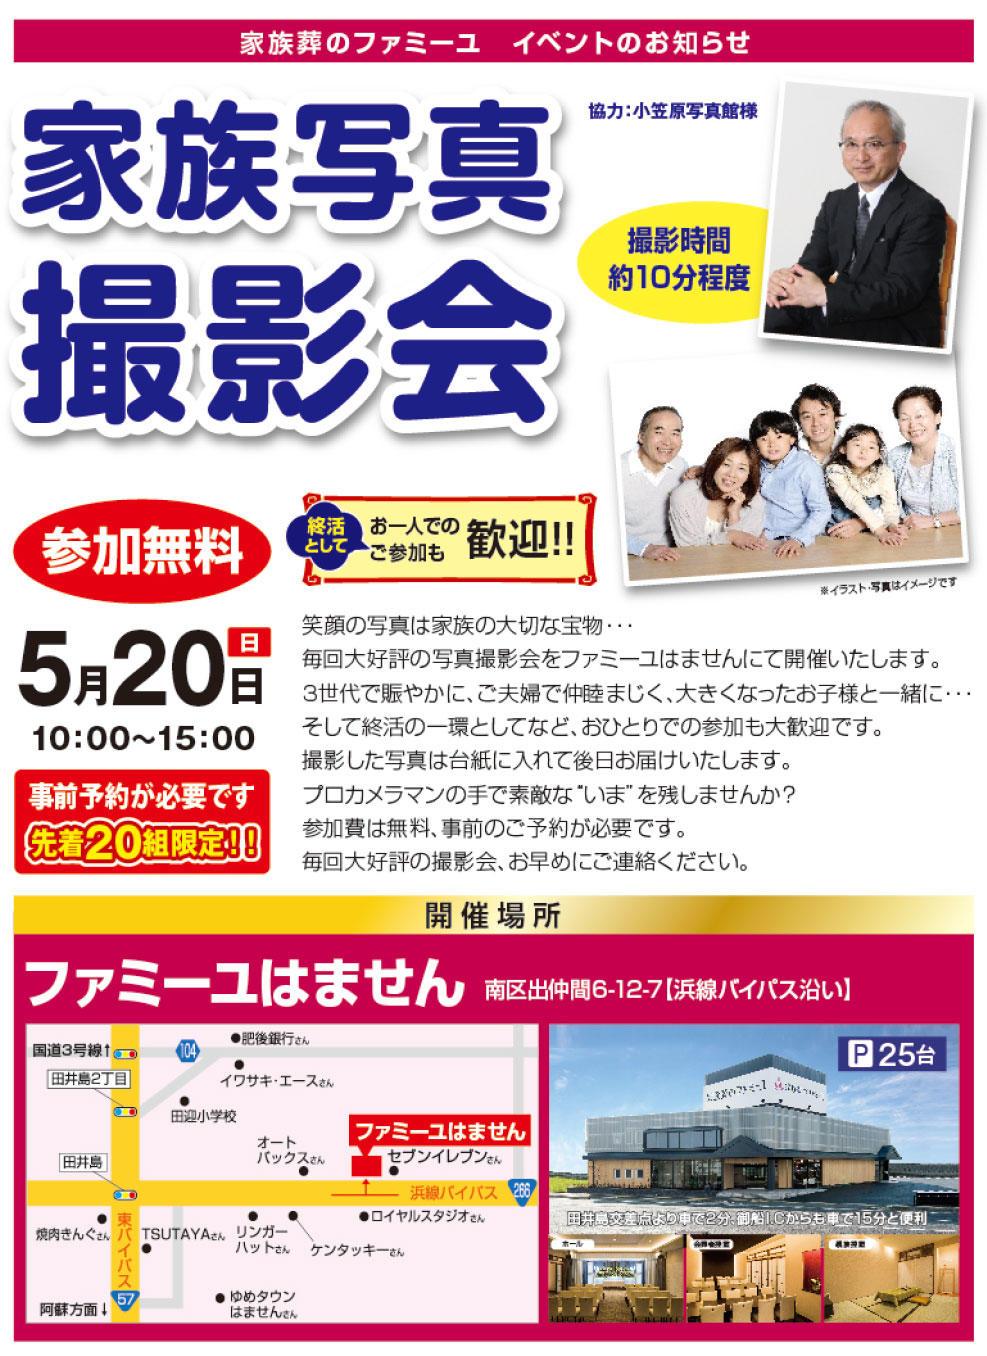 ieisatuei_kumamoto0520.jpg